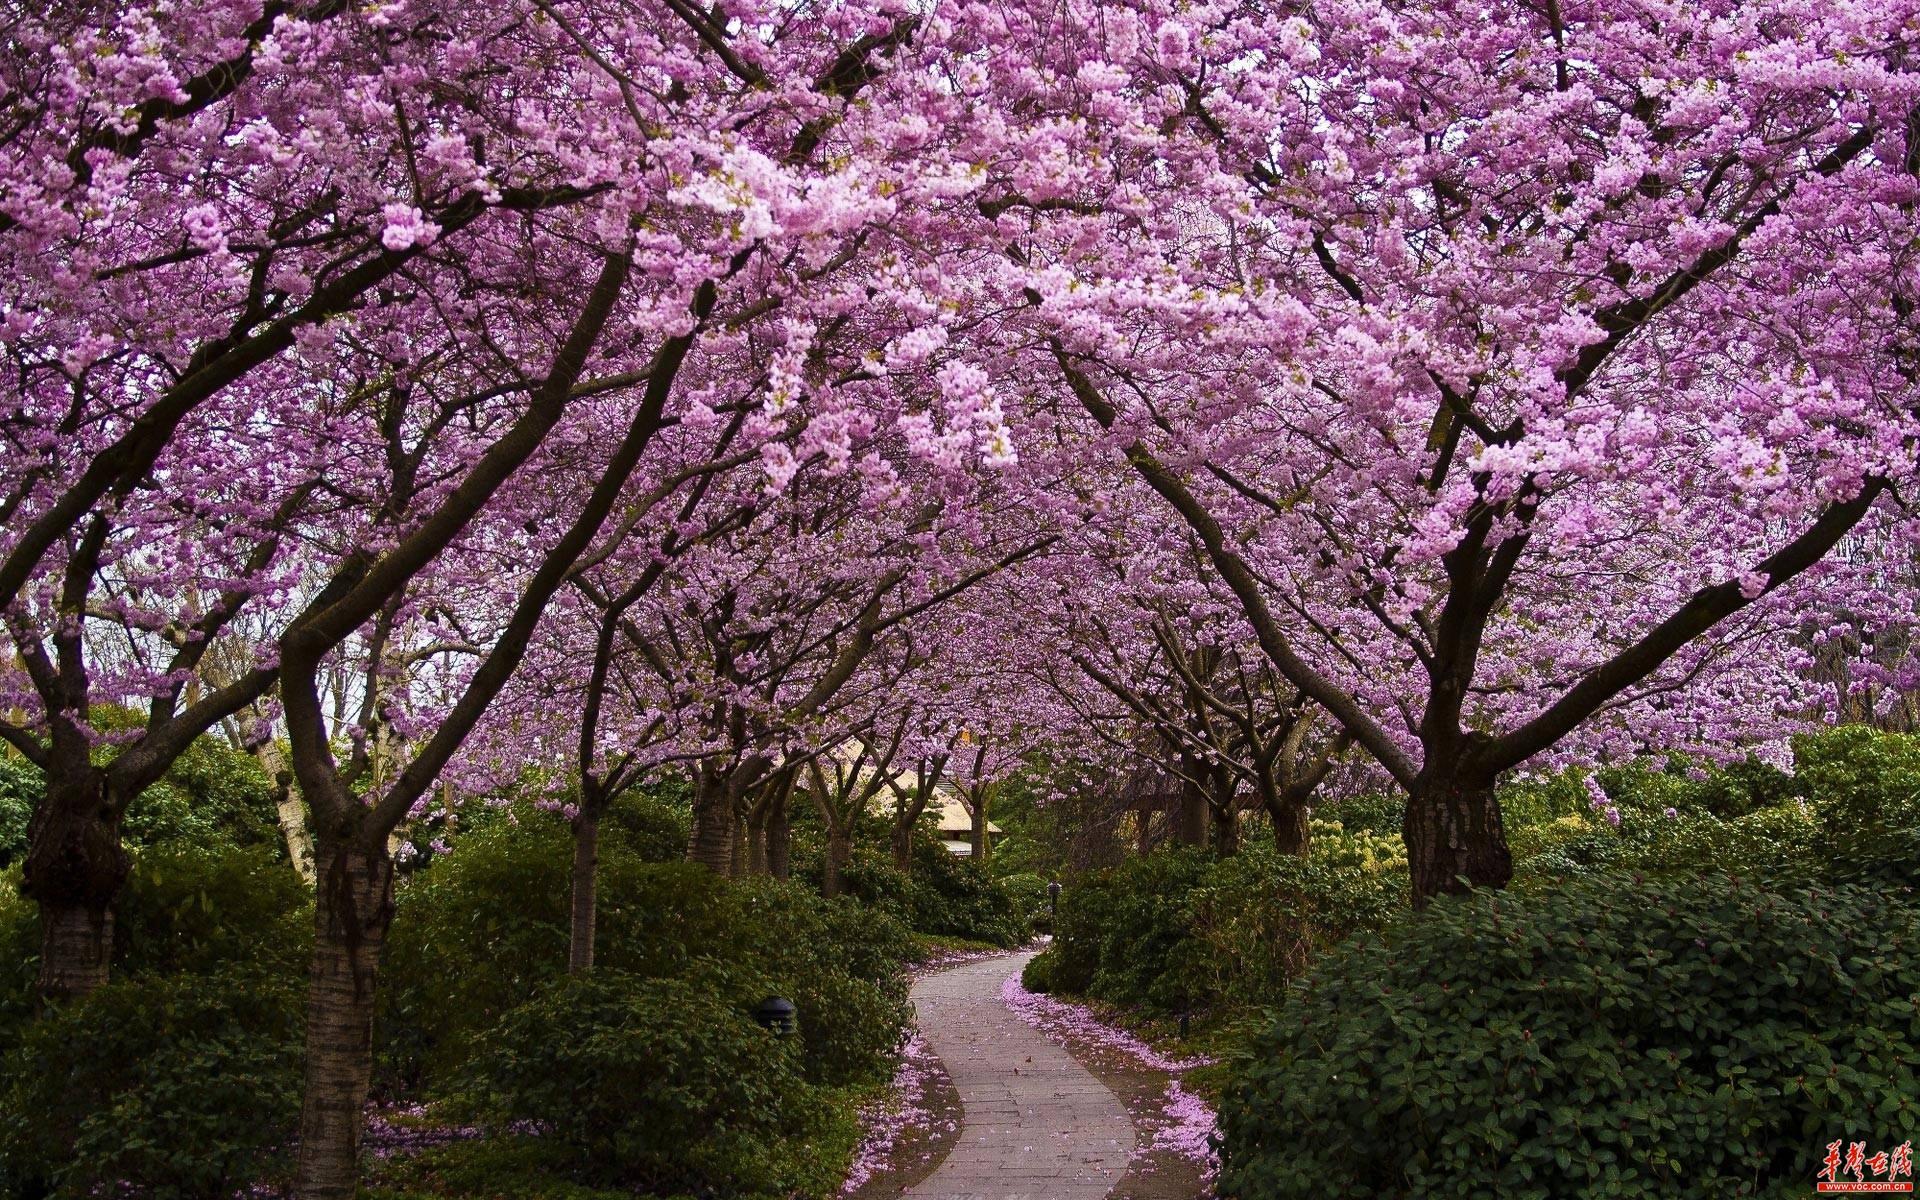 不用去富士山下 大湖南也有烂漫樱花任君赏